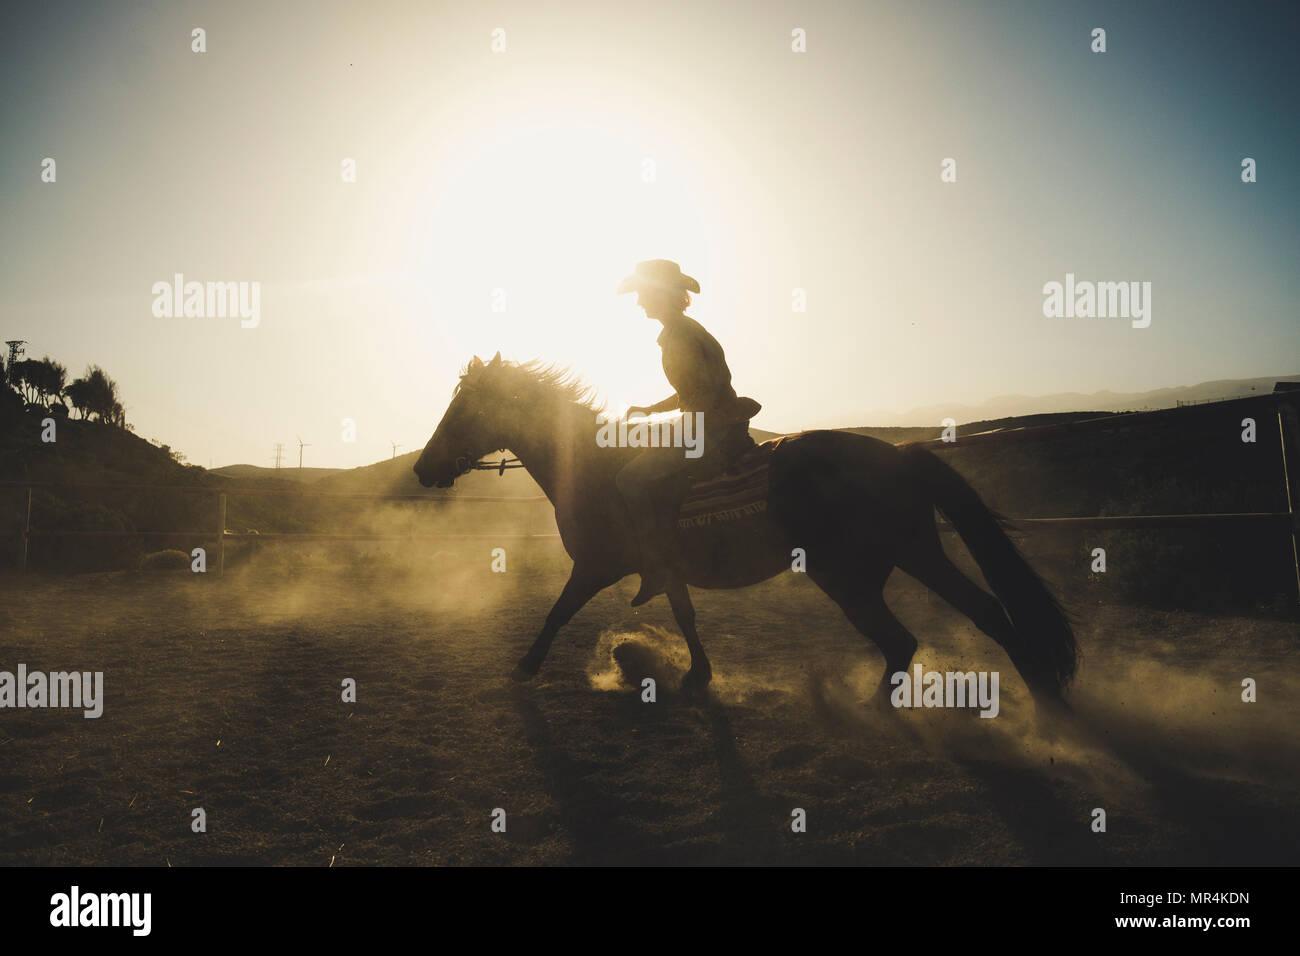 Bella ragazza andare a cavallo in silhouette e retroilluminazione con la sunflare e polvere dal suolo. epico ed eroi immagine per velocità e cowbot vita e annuncio Immagini Stock